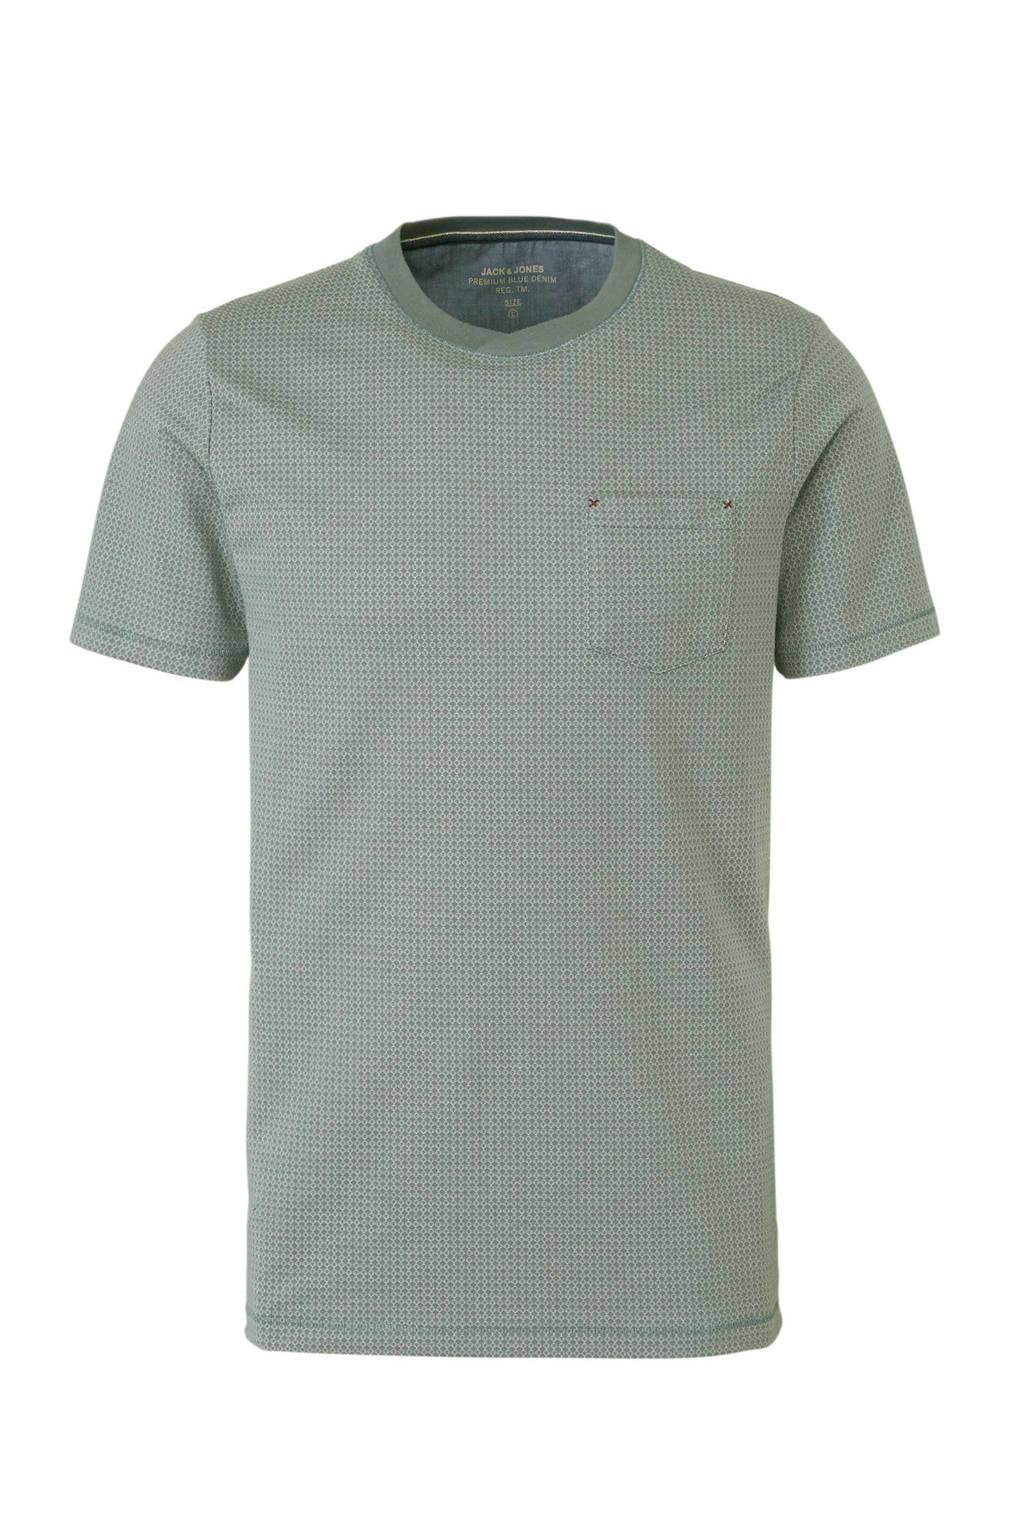 Jack & Jones Premium T-shirt Oscar met print groen, Groen